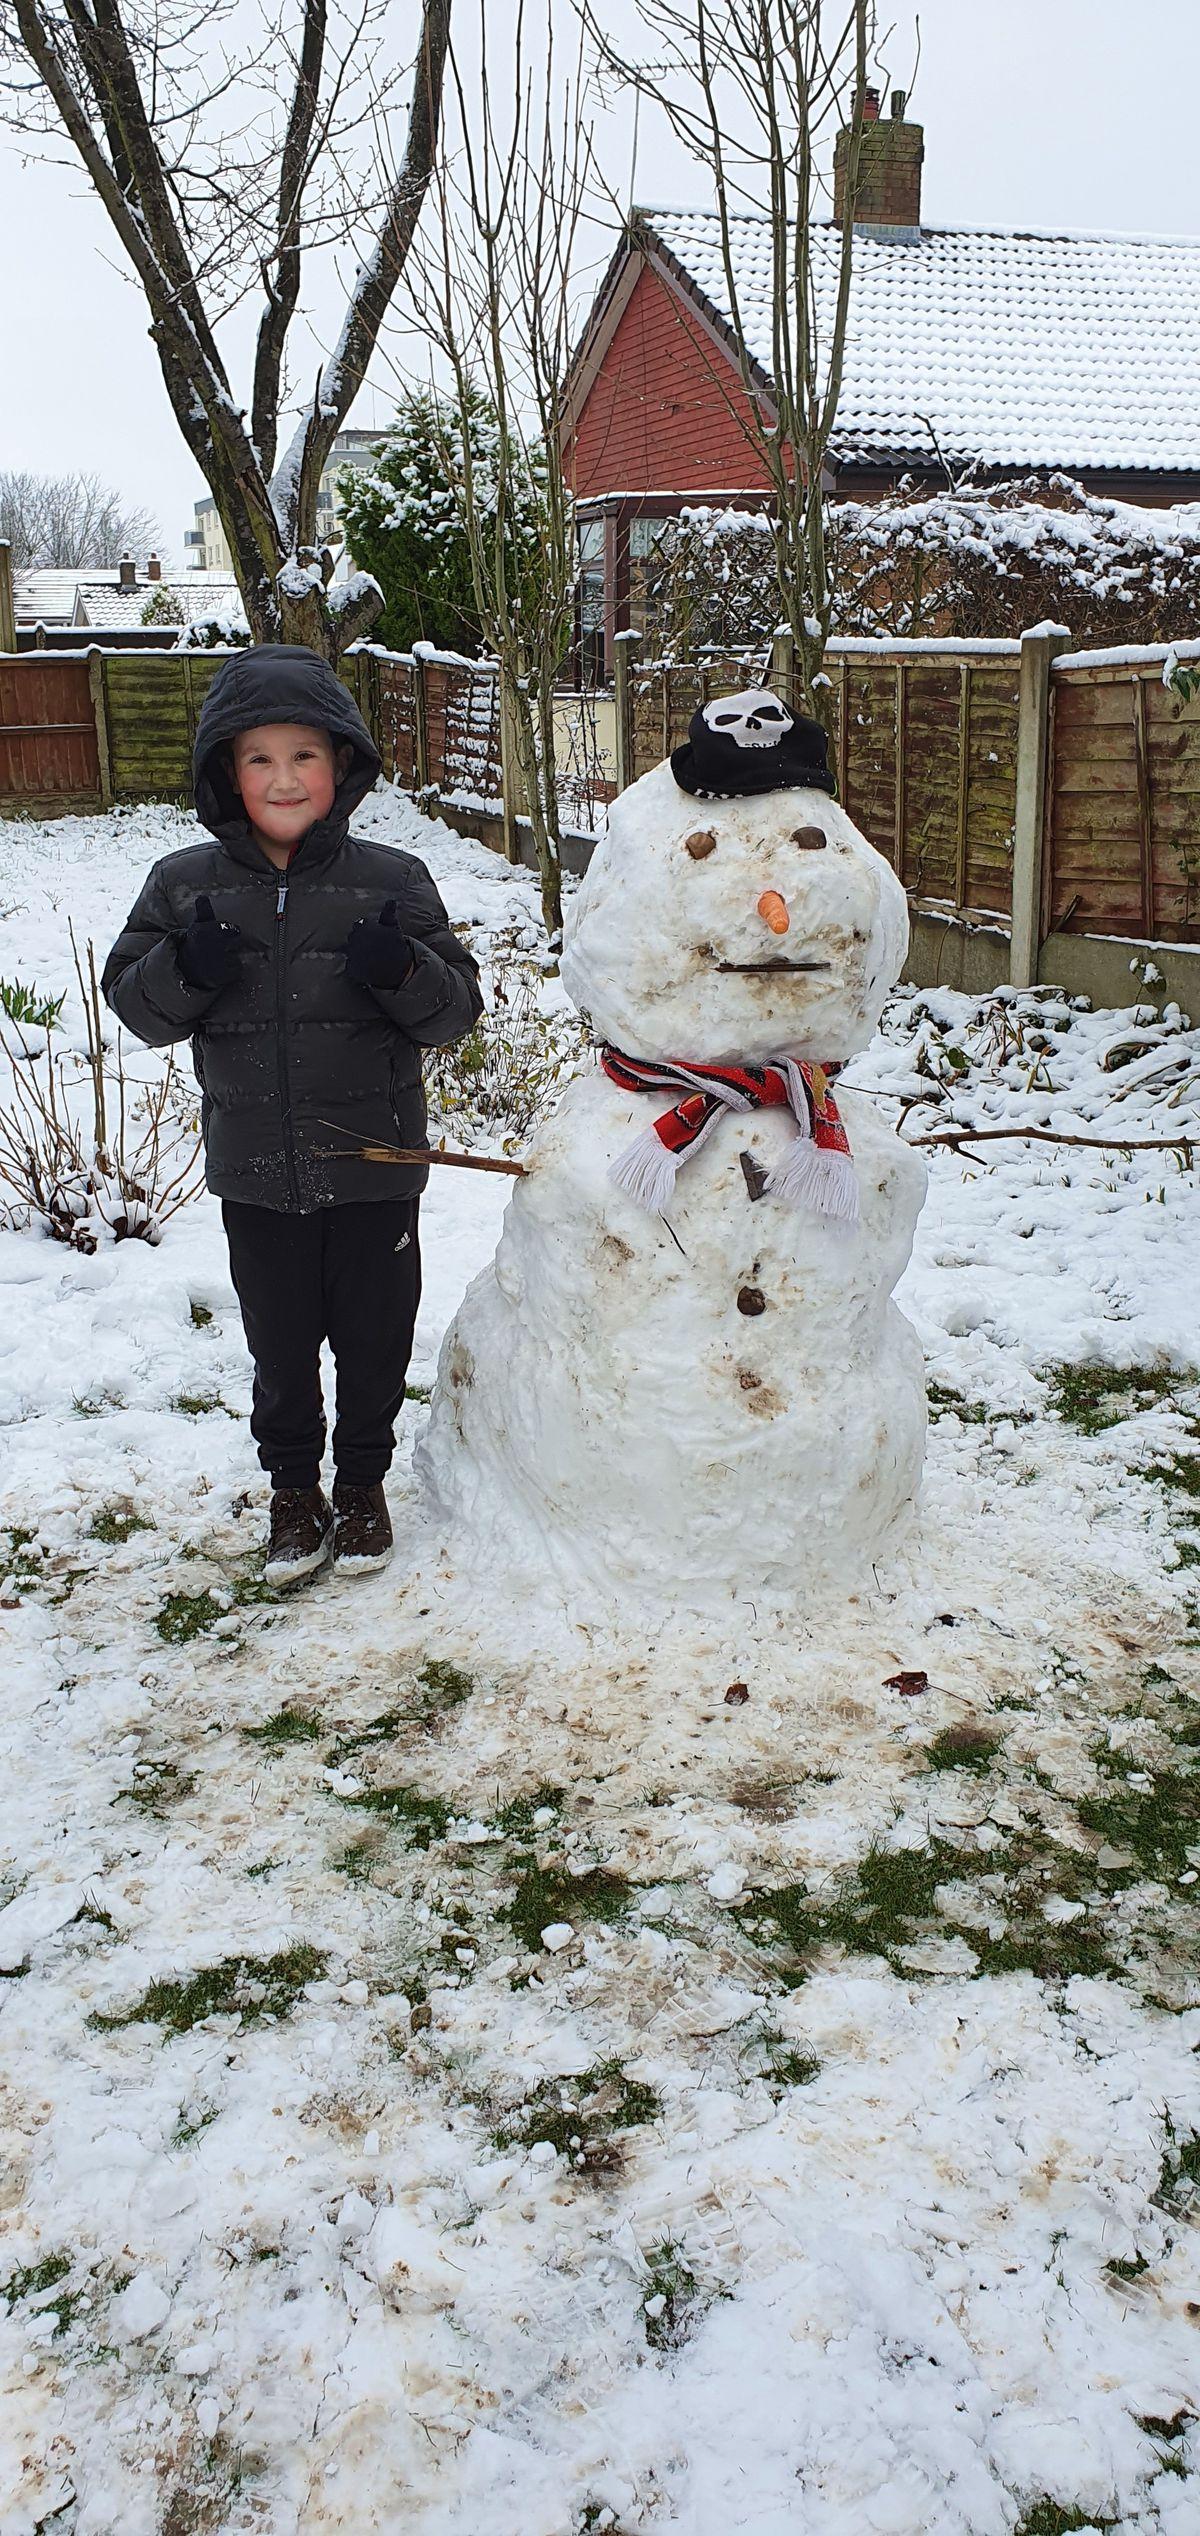 Snowy fun in Little Bloxwich. Photo: Maria Moore.